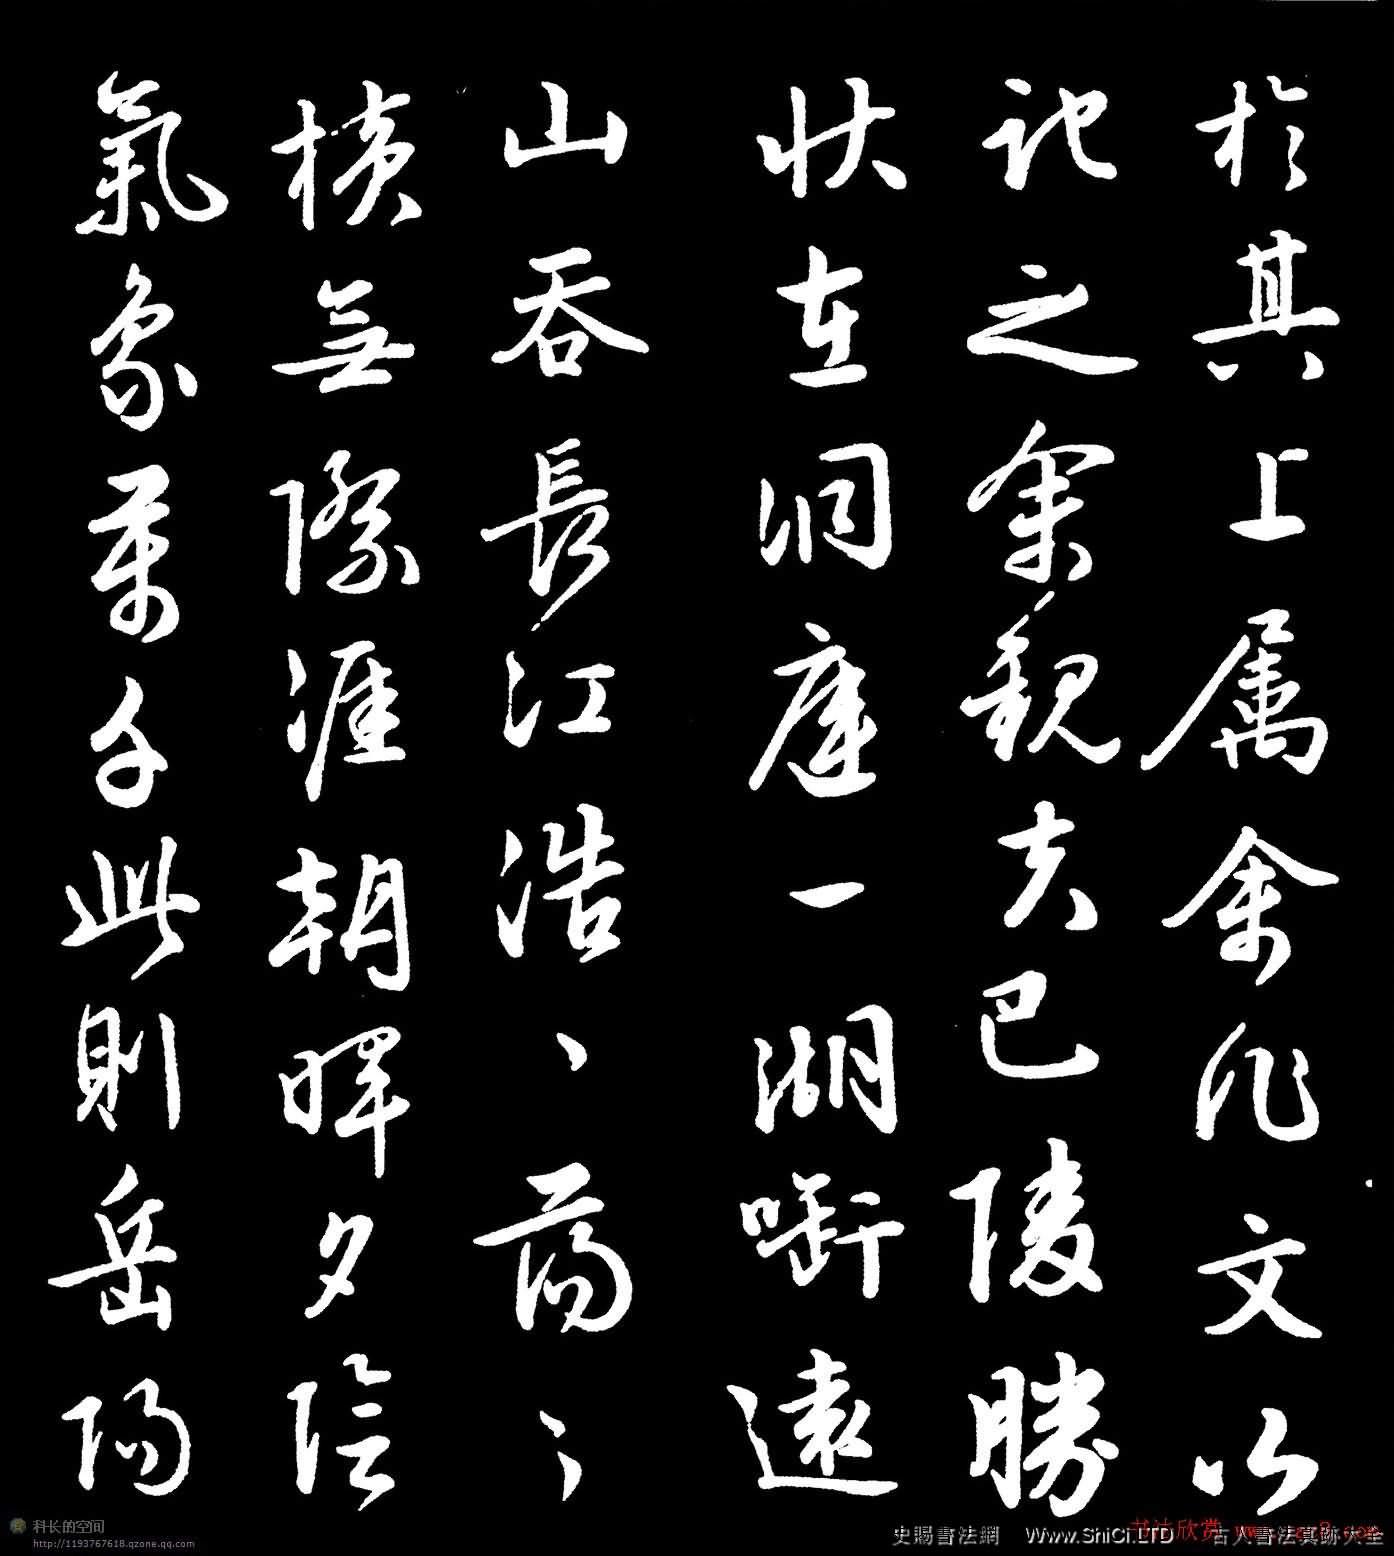 康熙行草書法《岳陽樓記》